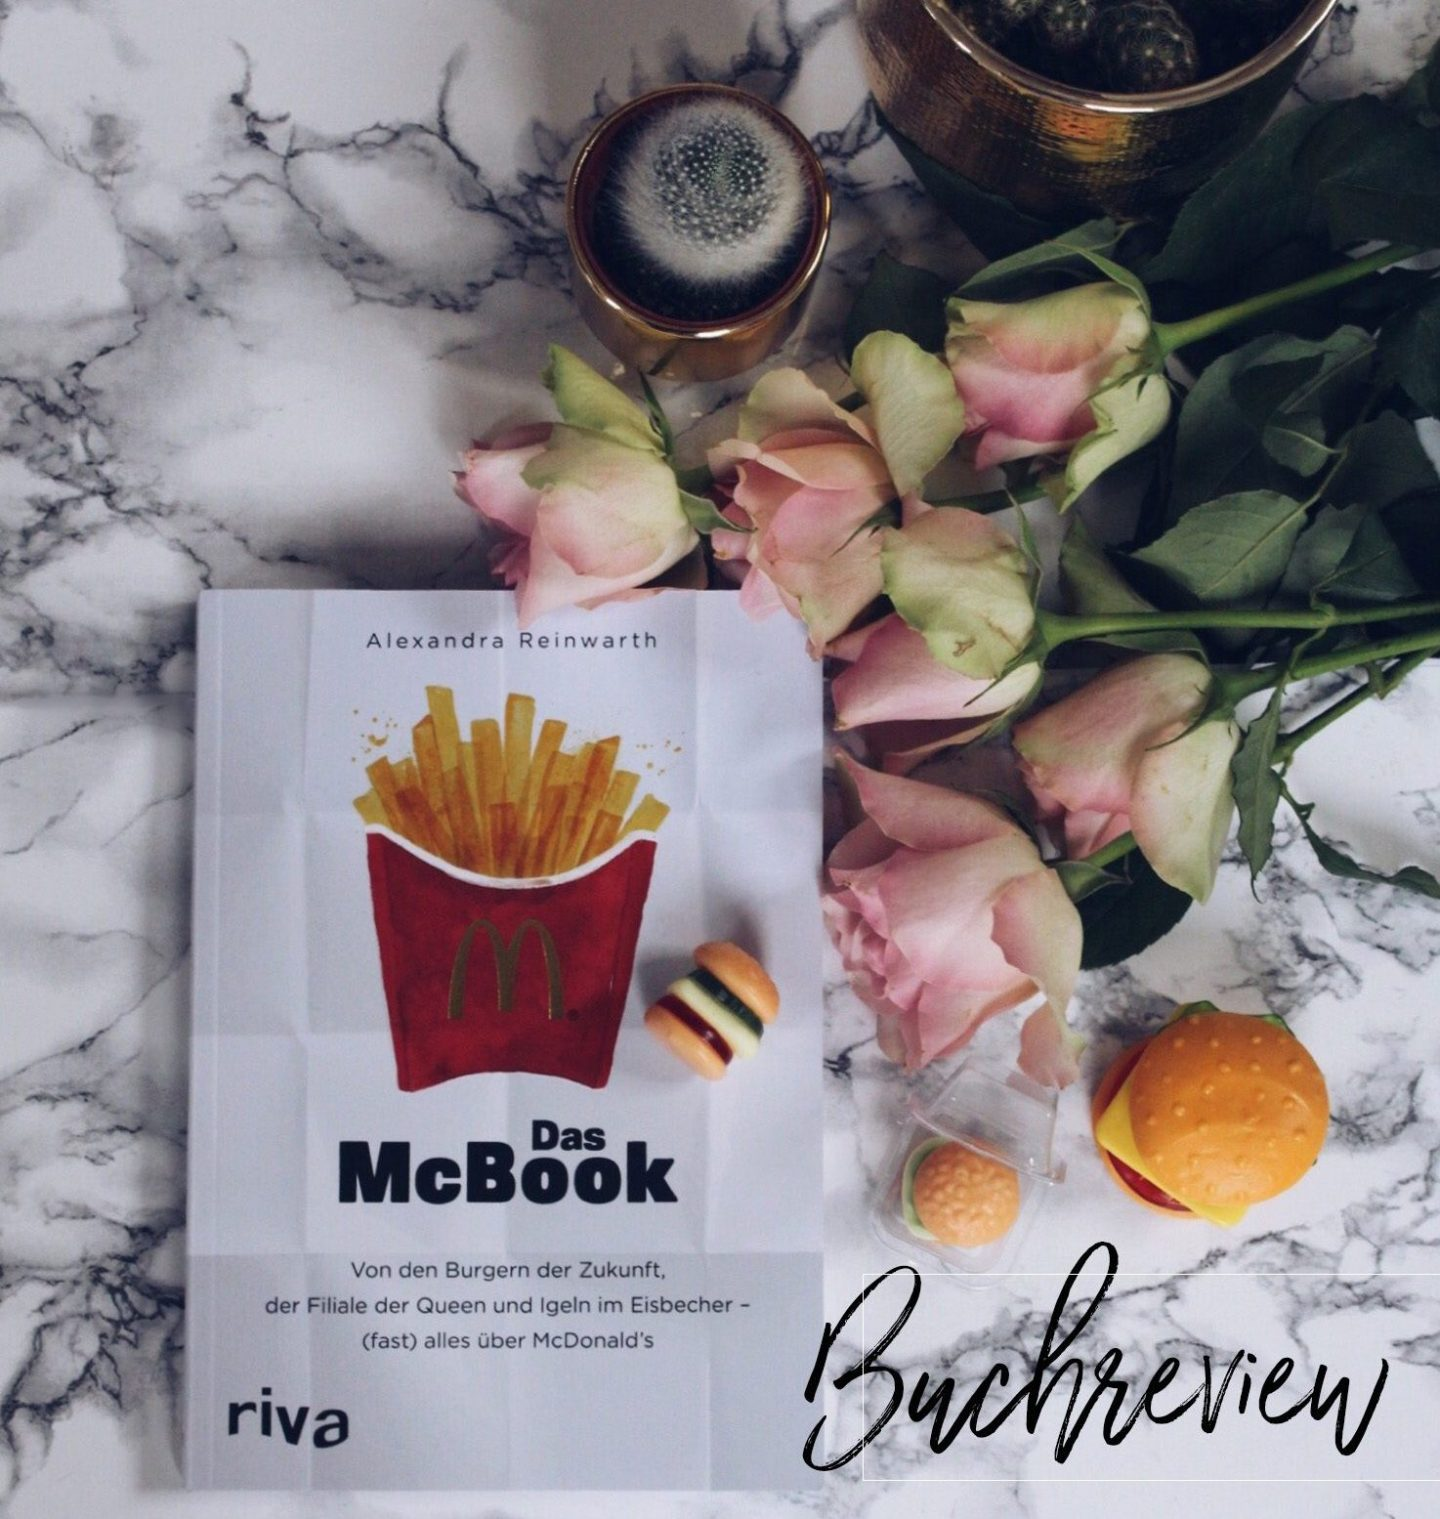 Buchreview – Das McBook